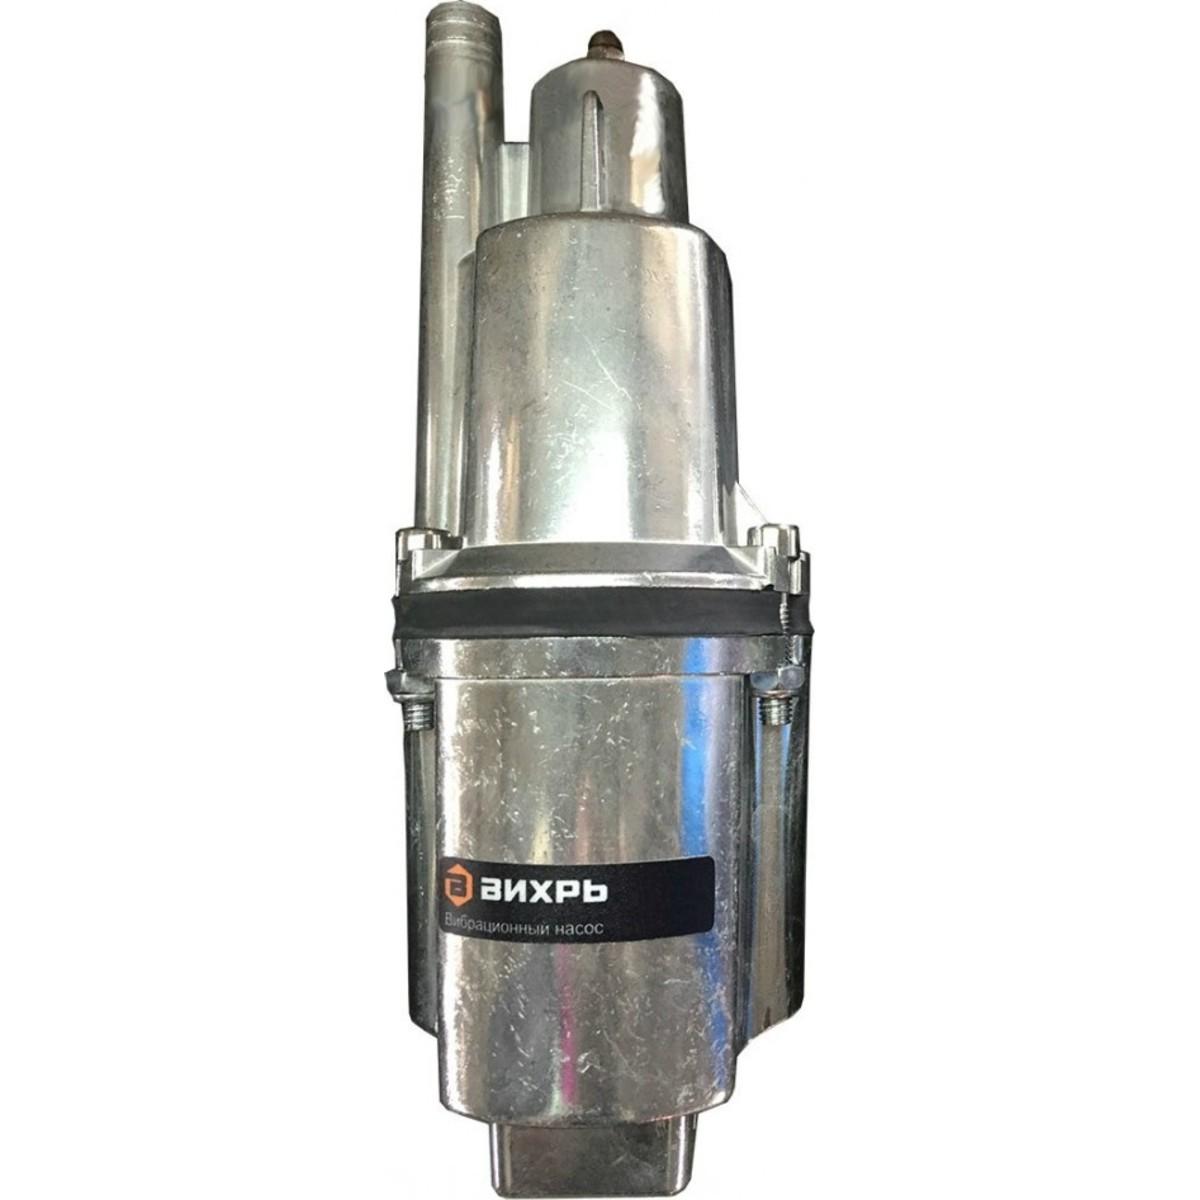 Насос садовый вибрационный Вихрь ВН-15В кабель 15 м 1080 л/час